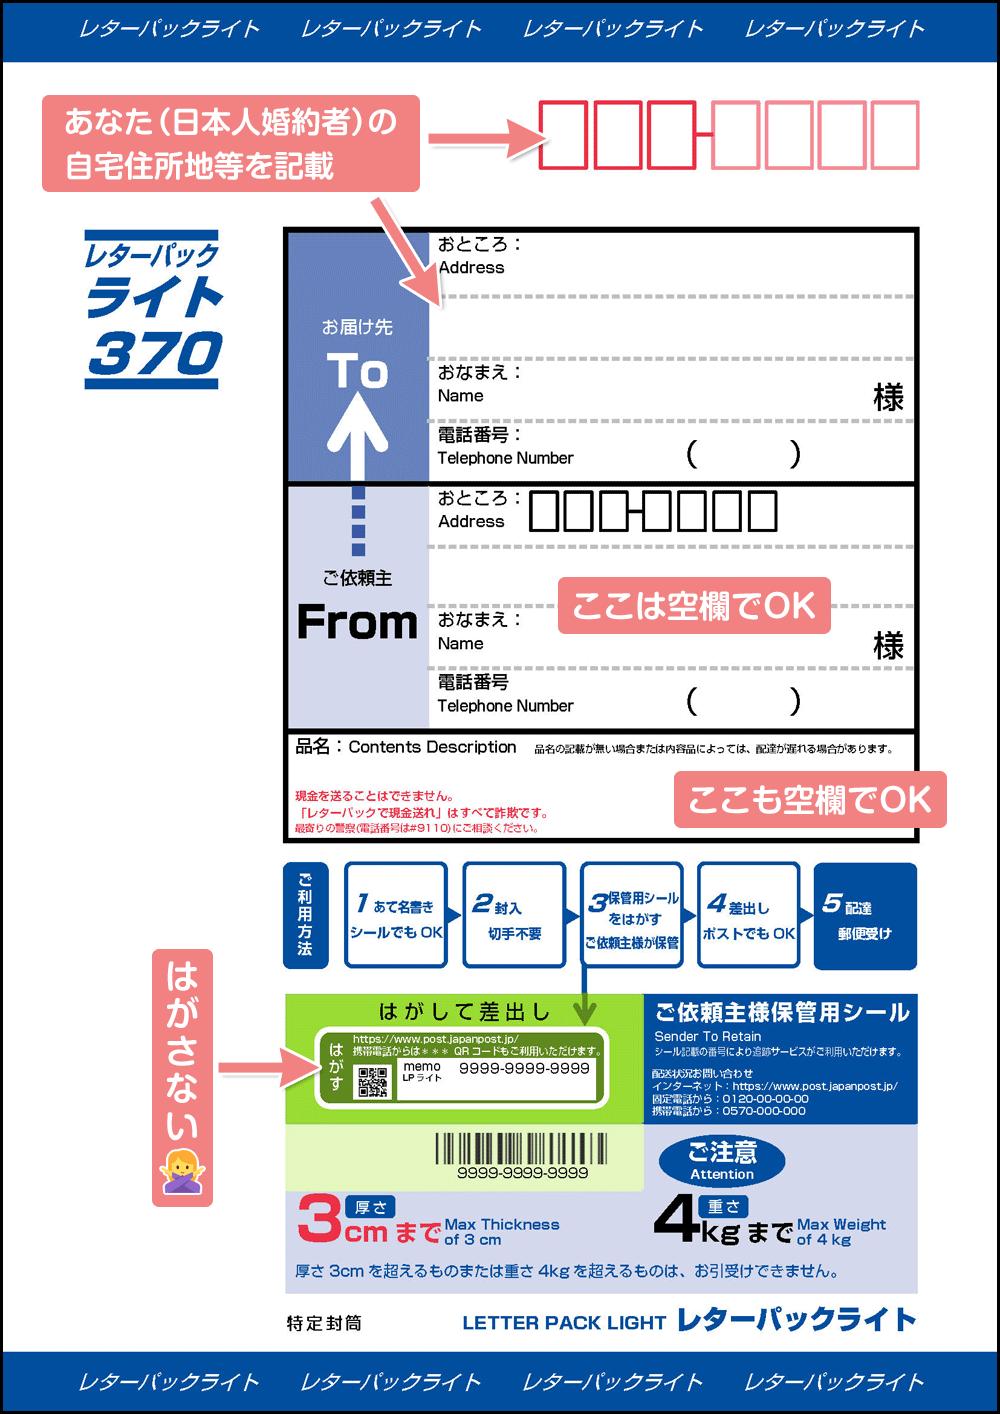 返信用封筒の書き方